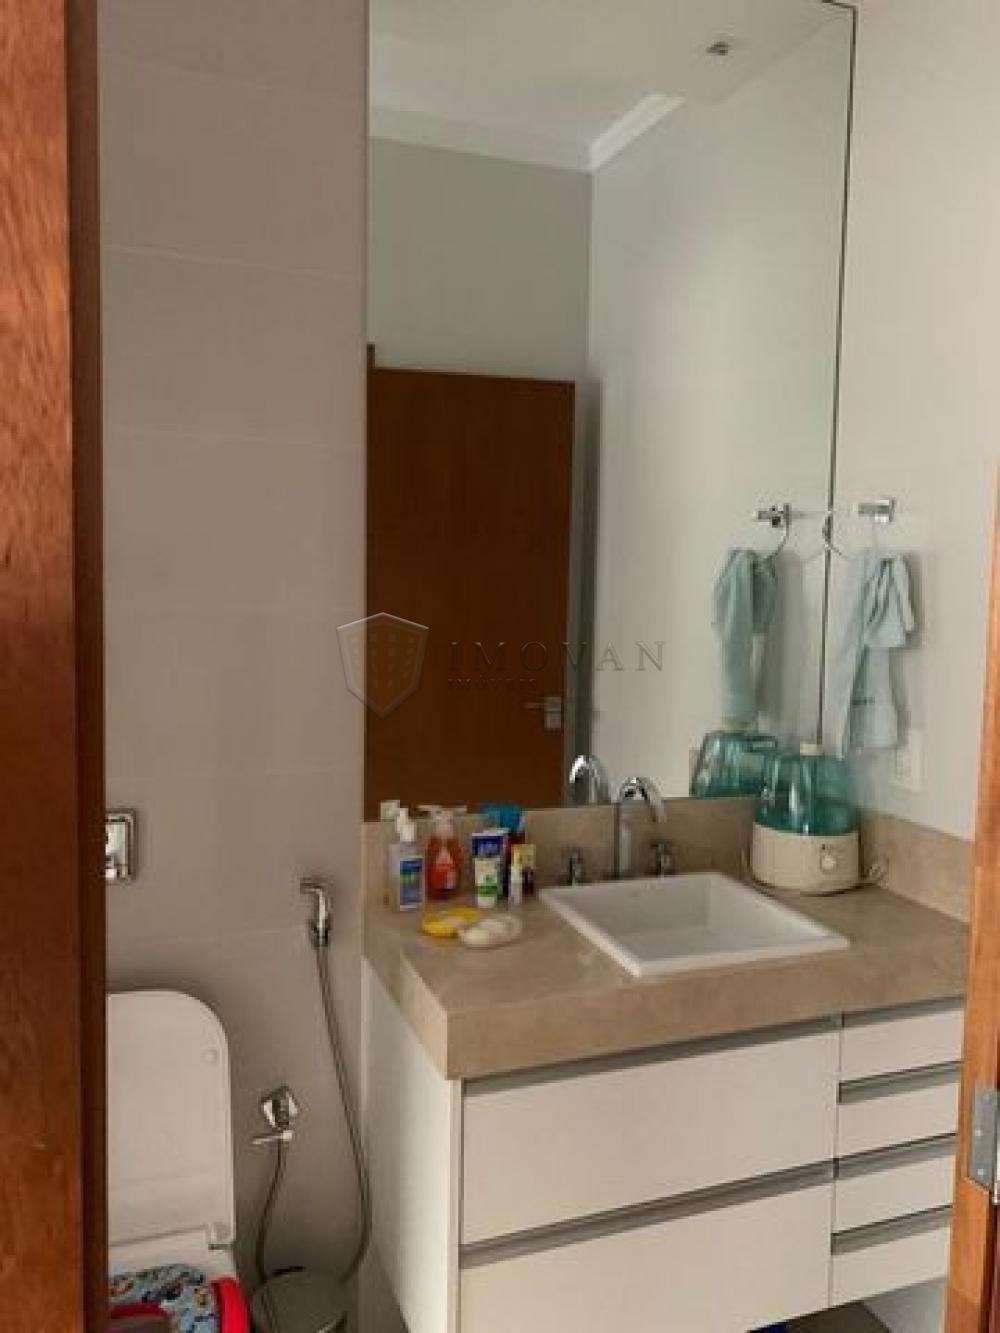 Comprar Casa / Condomínio em Ribeirão Preto R$ 850.000,00 - Foto 12